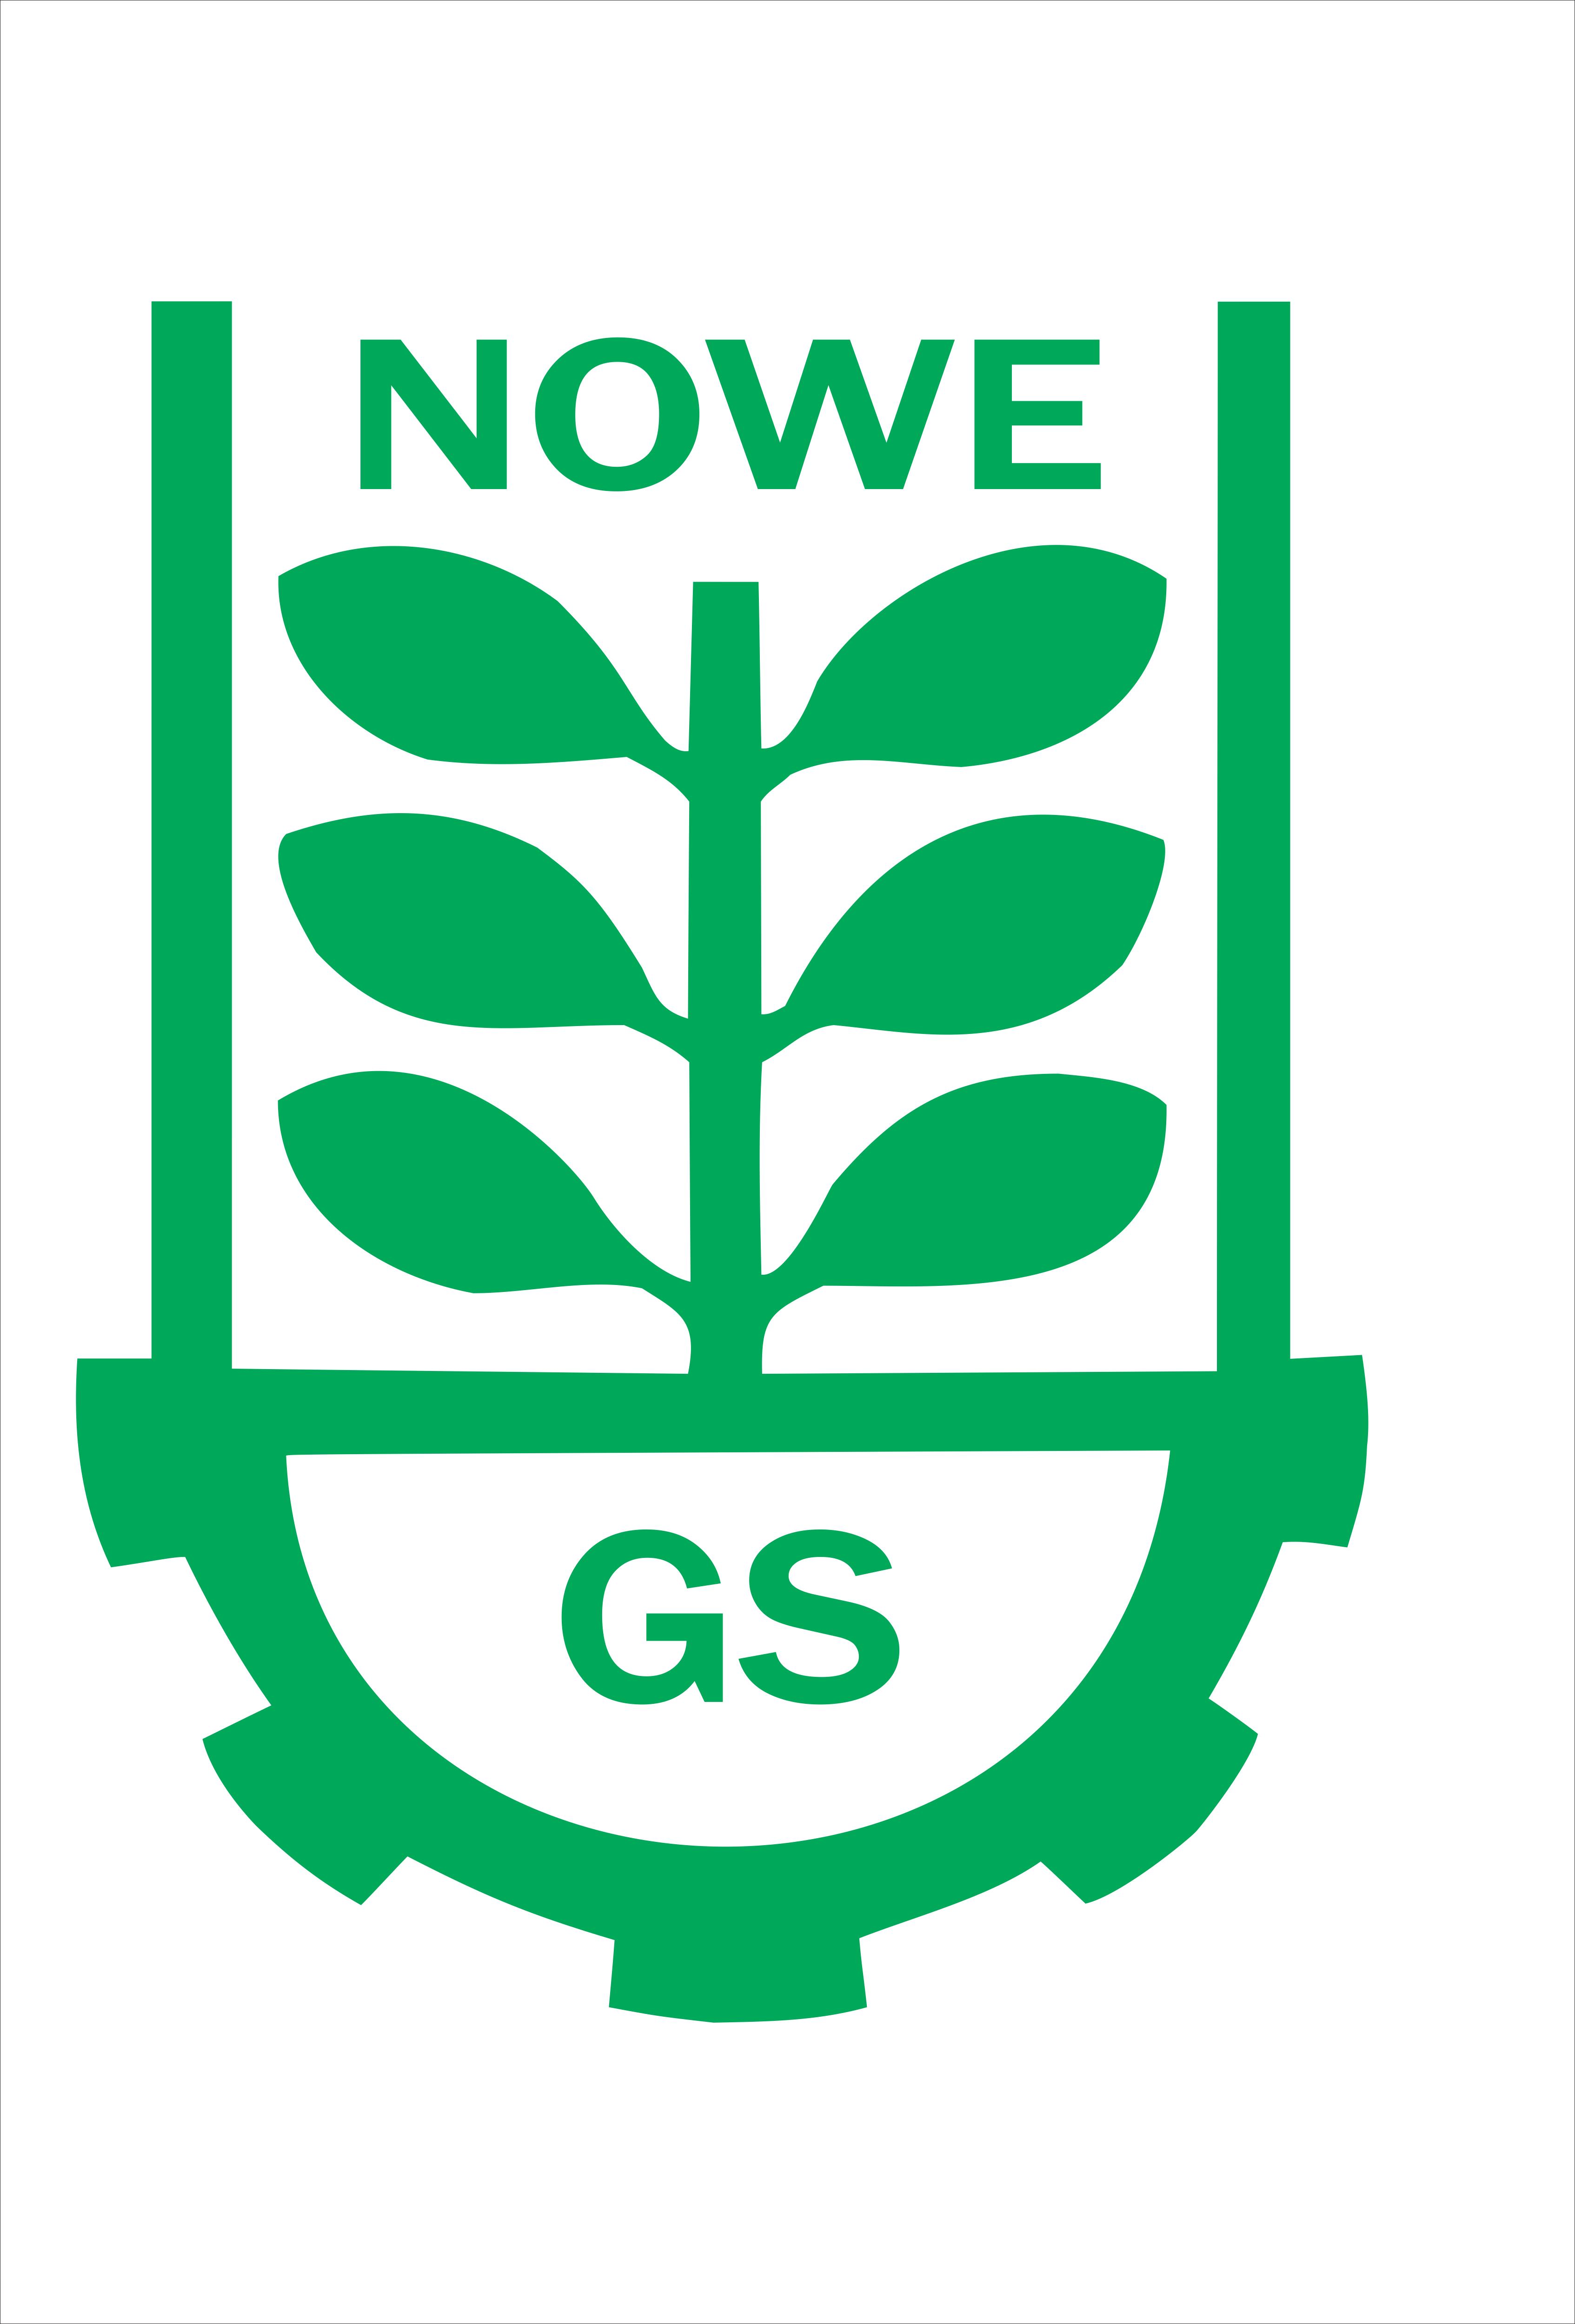 GS Nowe